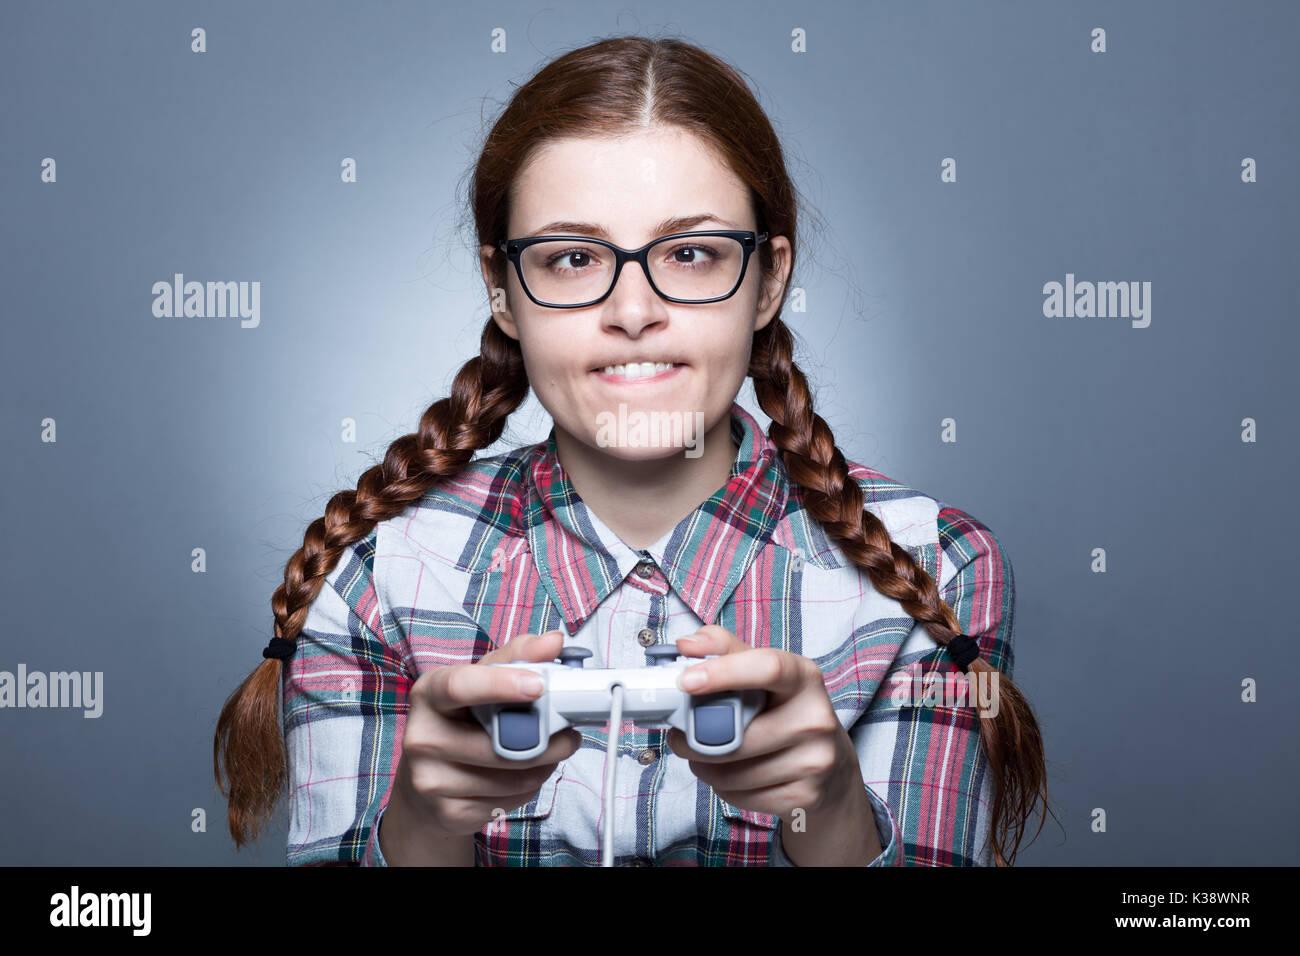 Nerd donna con treccia giocare ai videogiochi con un joypad Immagini Stock